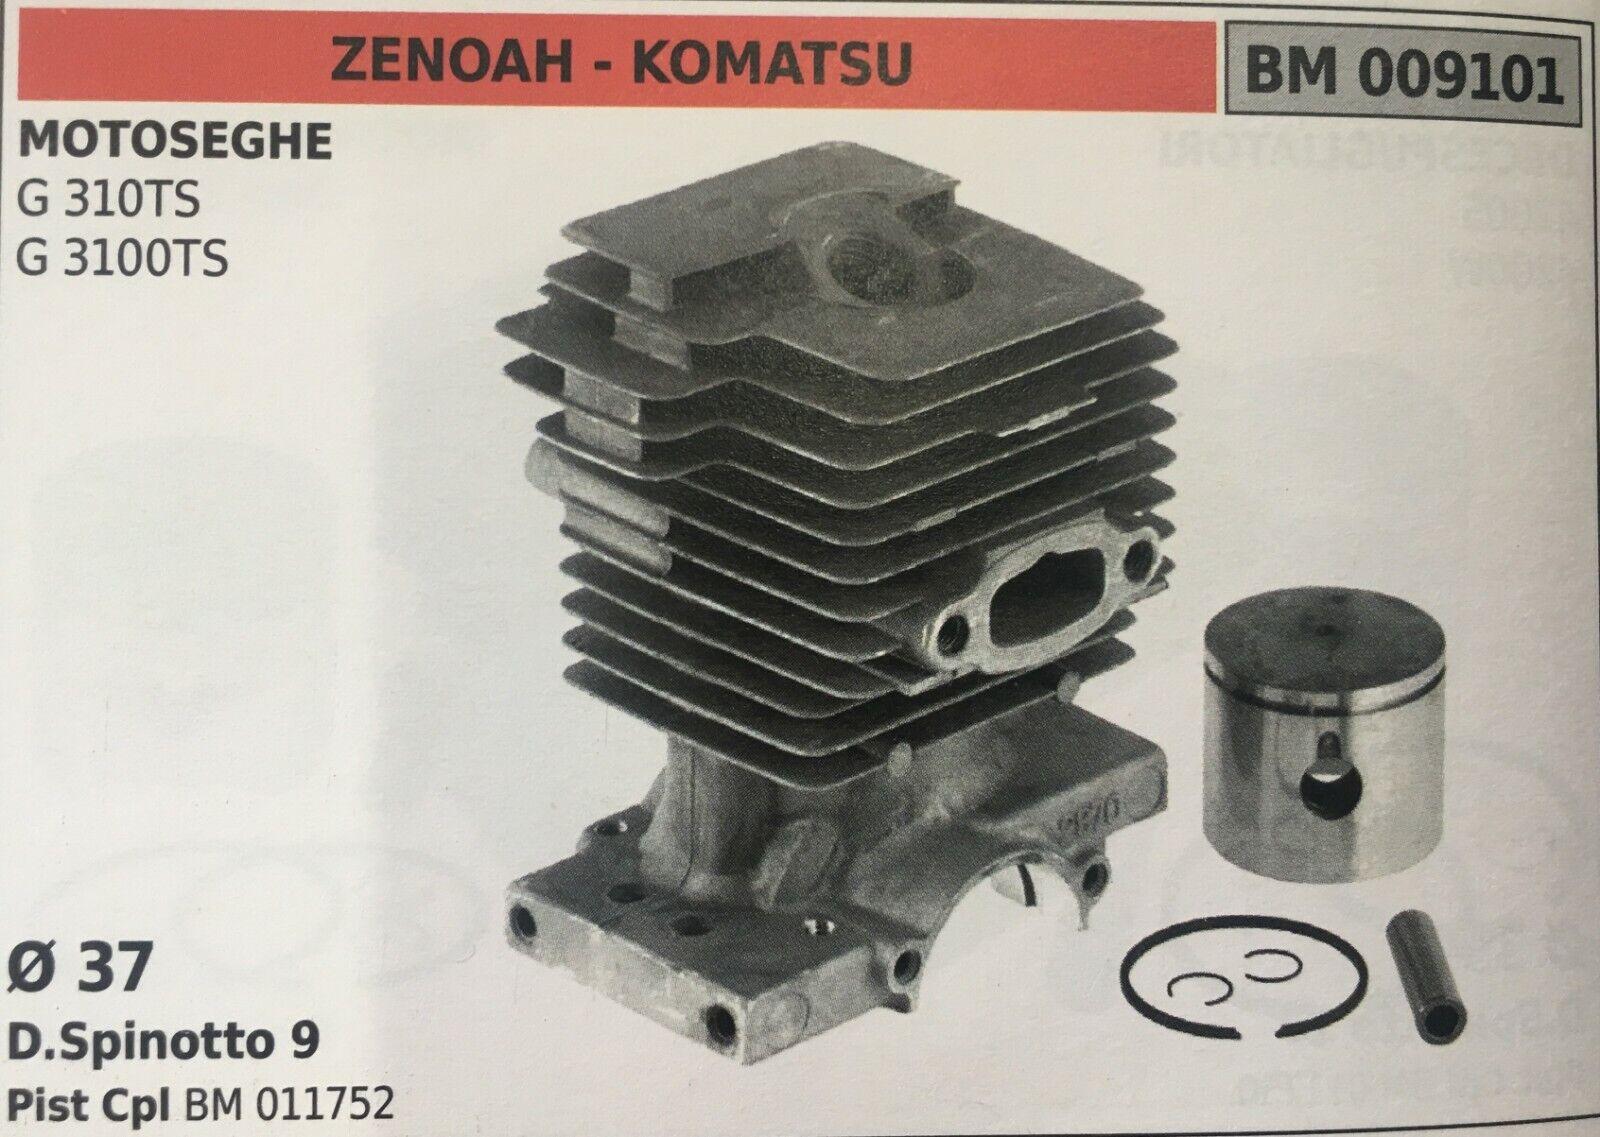 CILINDRO COMPLETO DI PISTONE E SEGMENTI BRUMAR BM009101 ZENOAH - KOMATSU